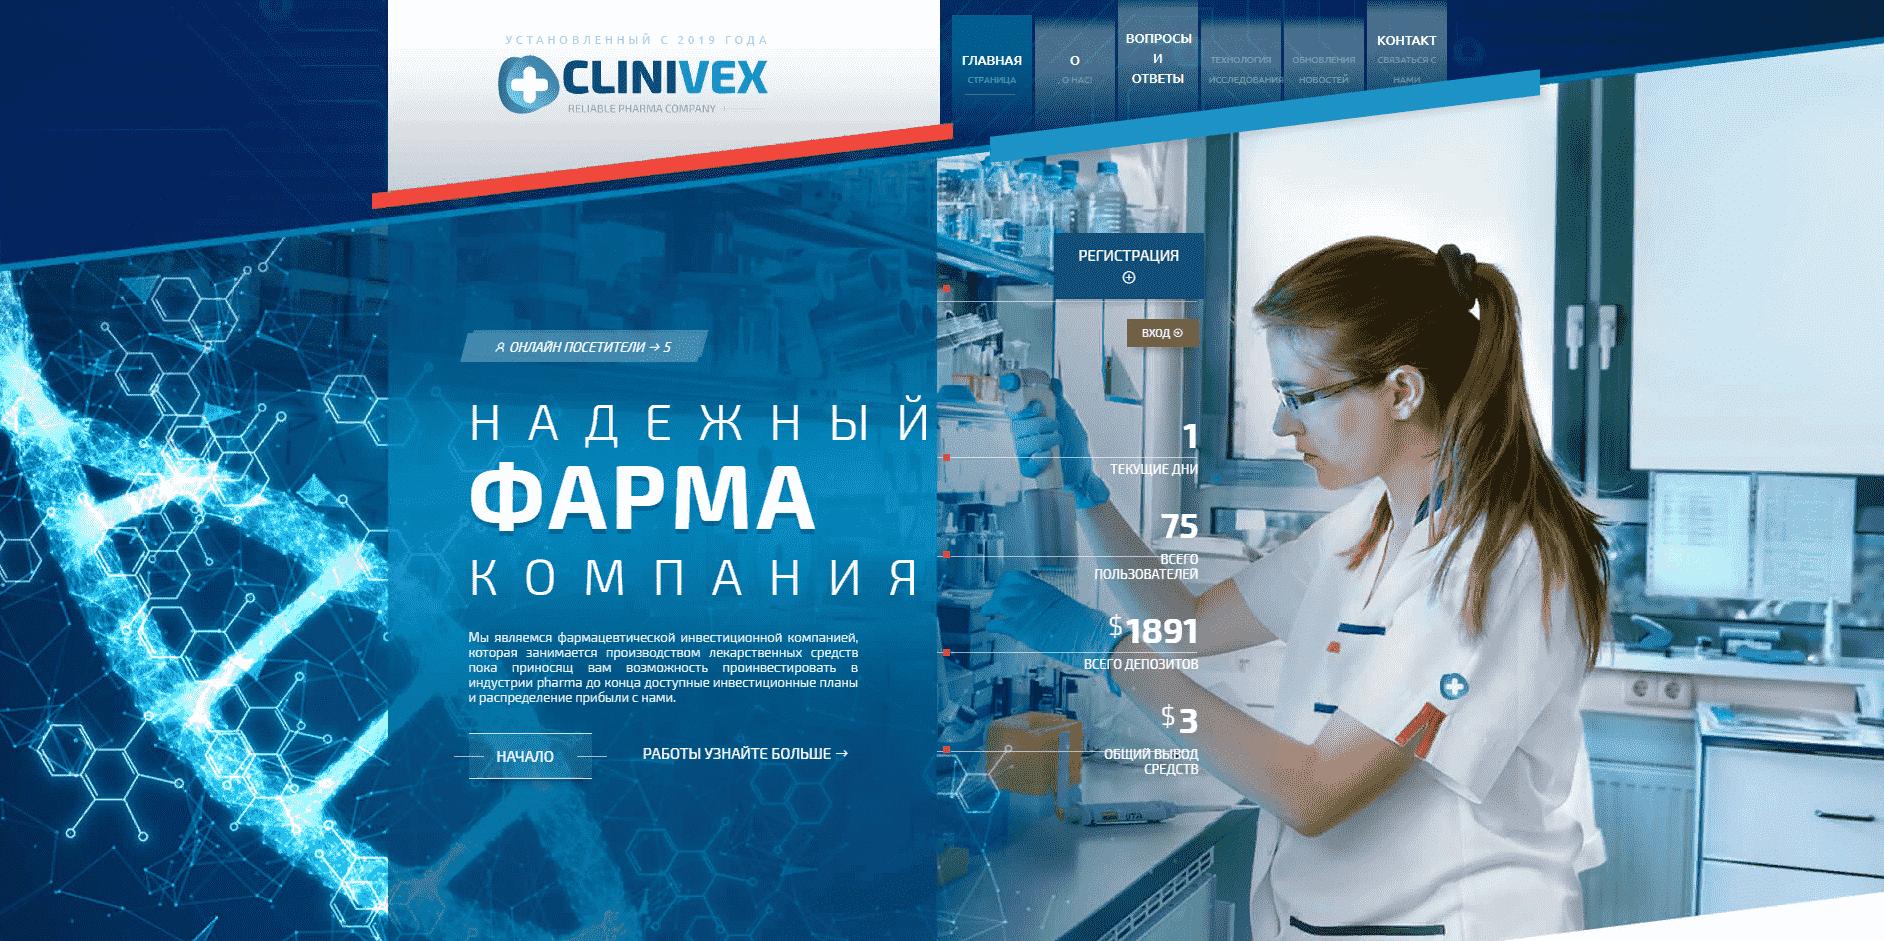 Clinivex